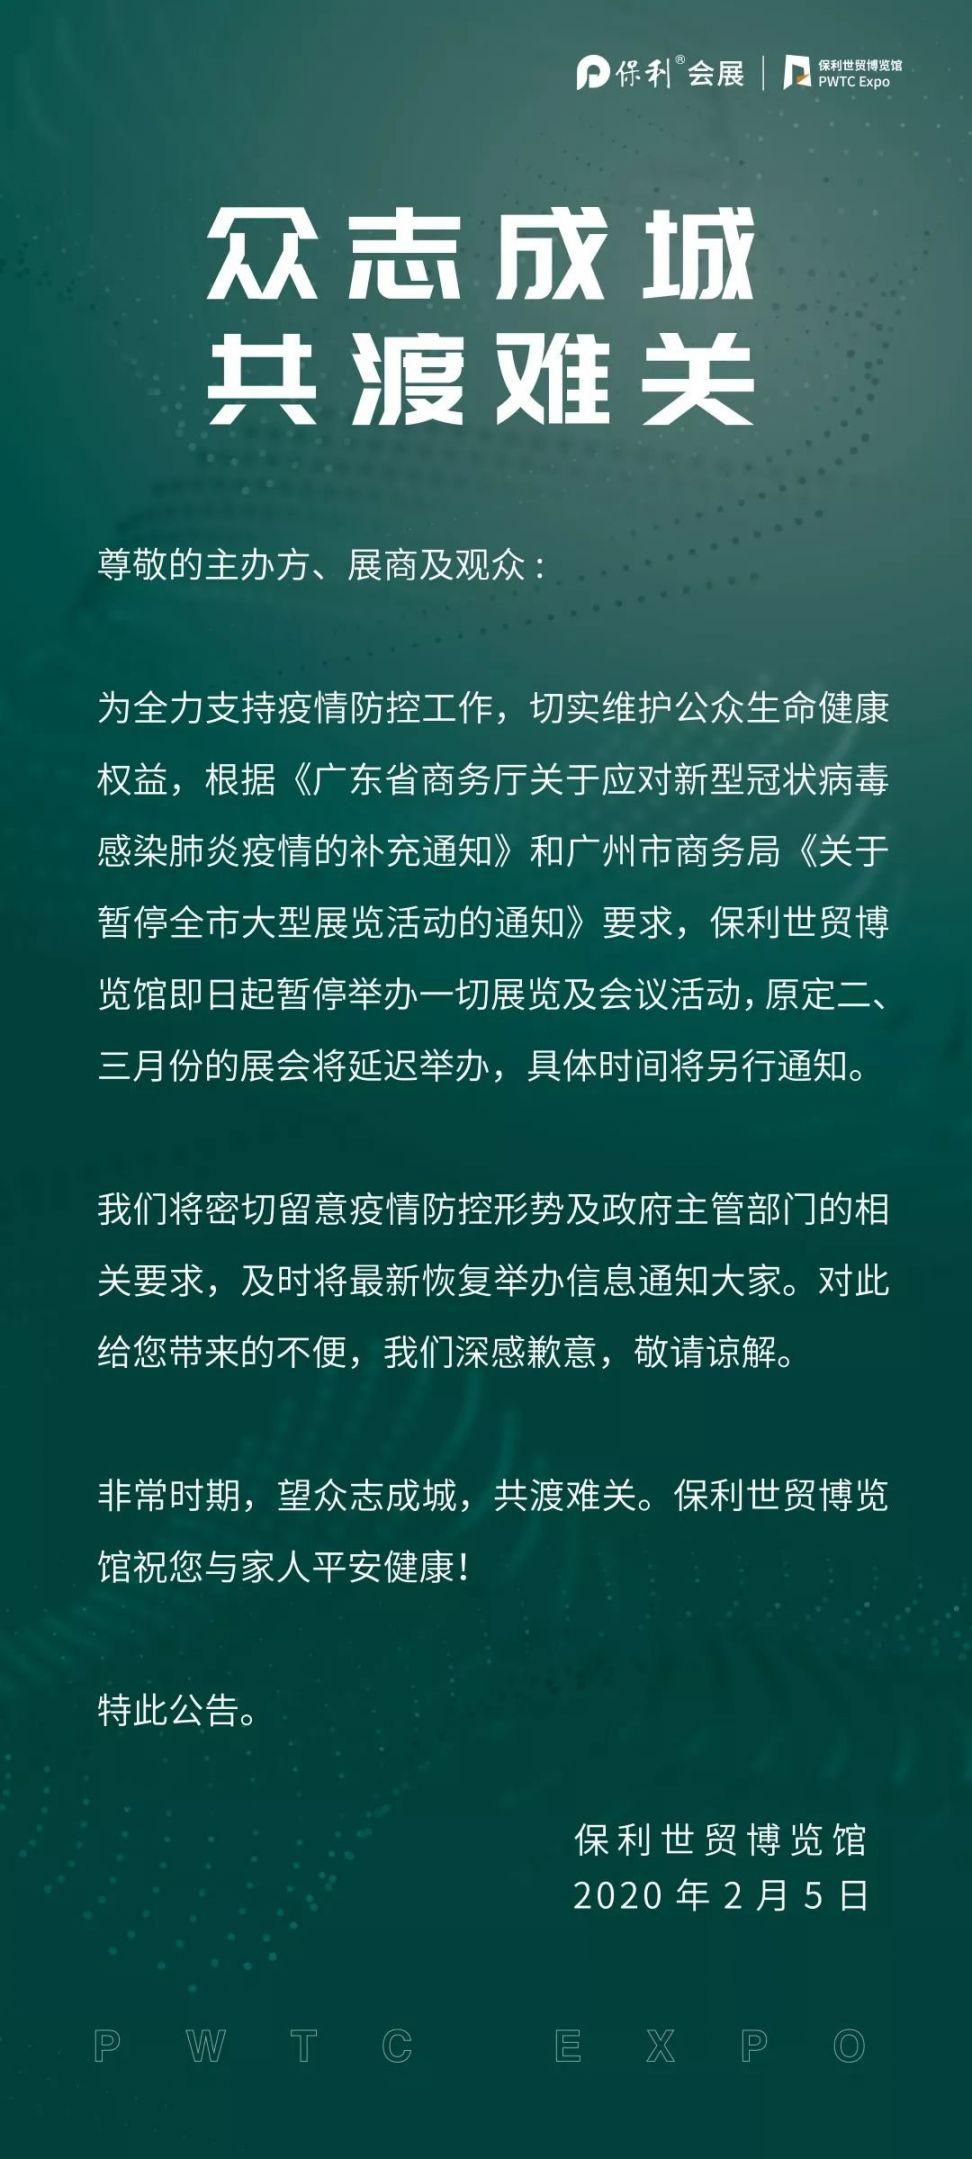 2020关于保利世贸博览馆近期暂停举办展会的通告